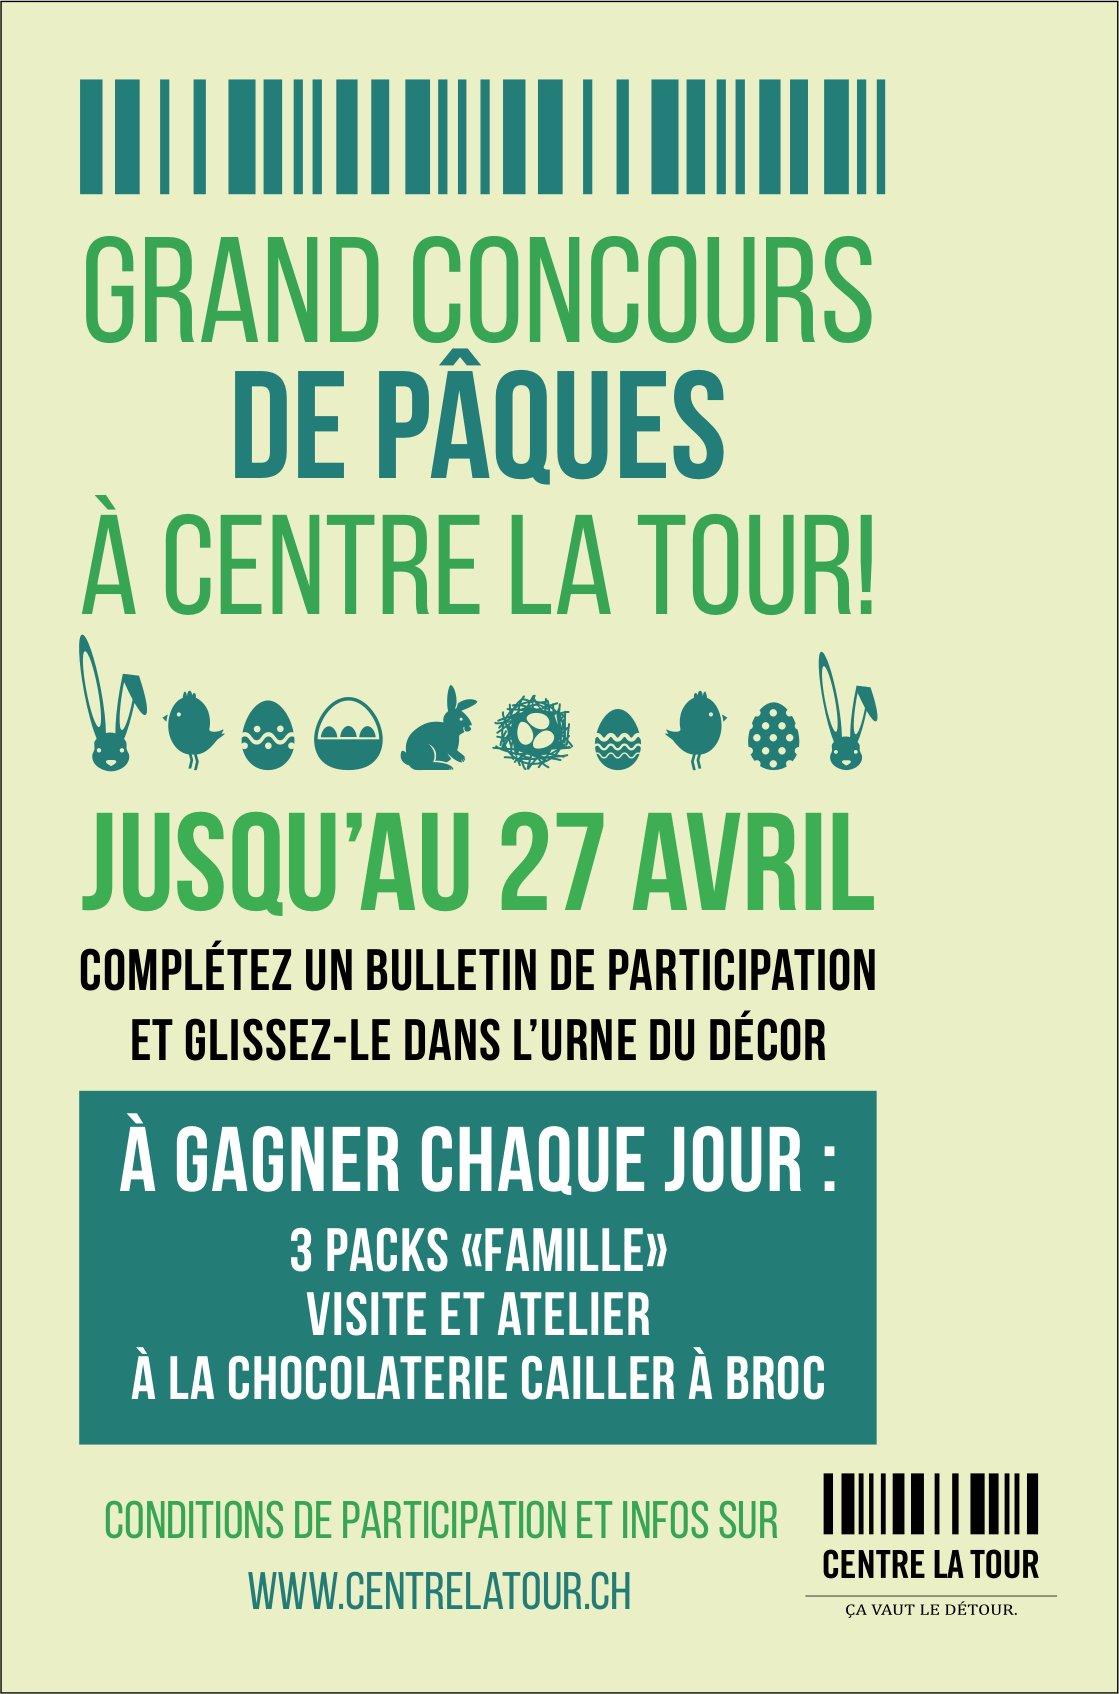 CENTRE LA TOUR , Grand concours de Pâques jusqu'au 27 avril